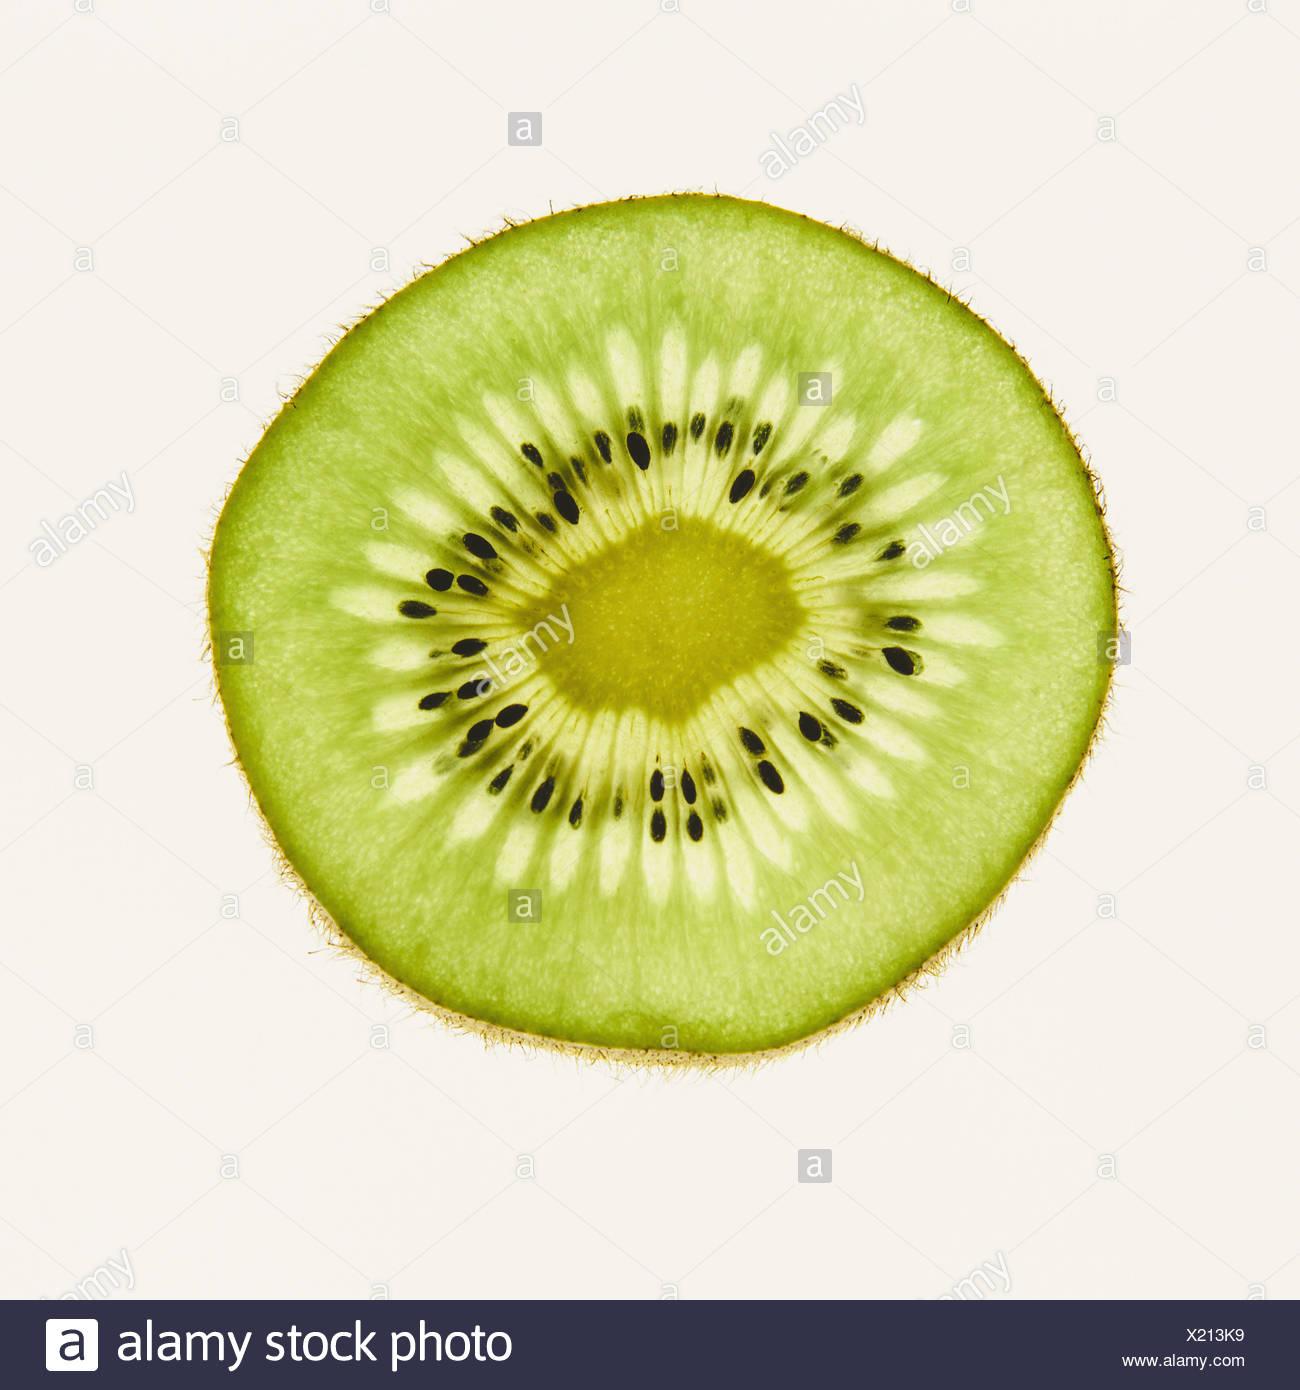 Organic kiwi slice, white background - Stock Image